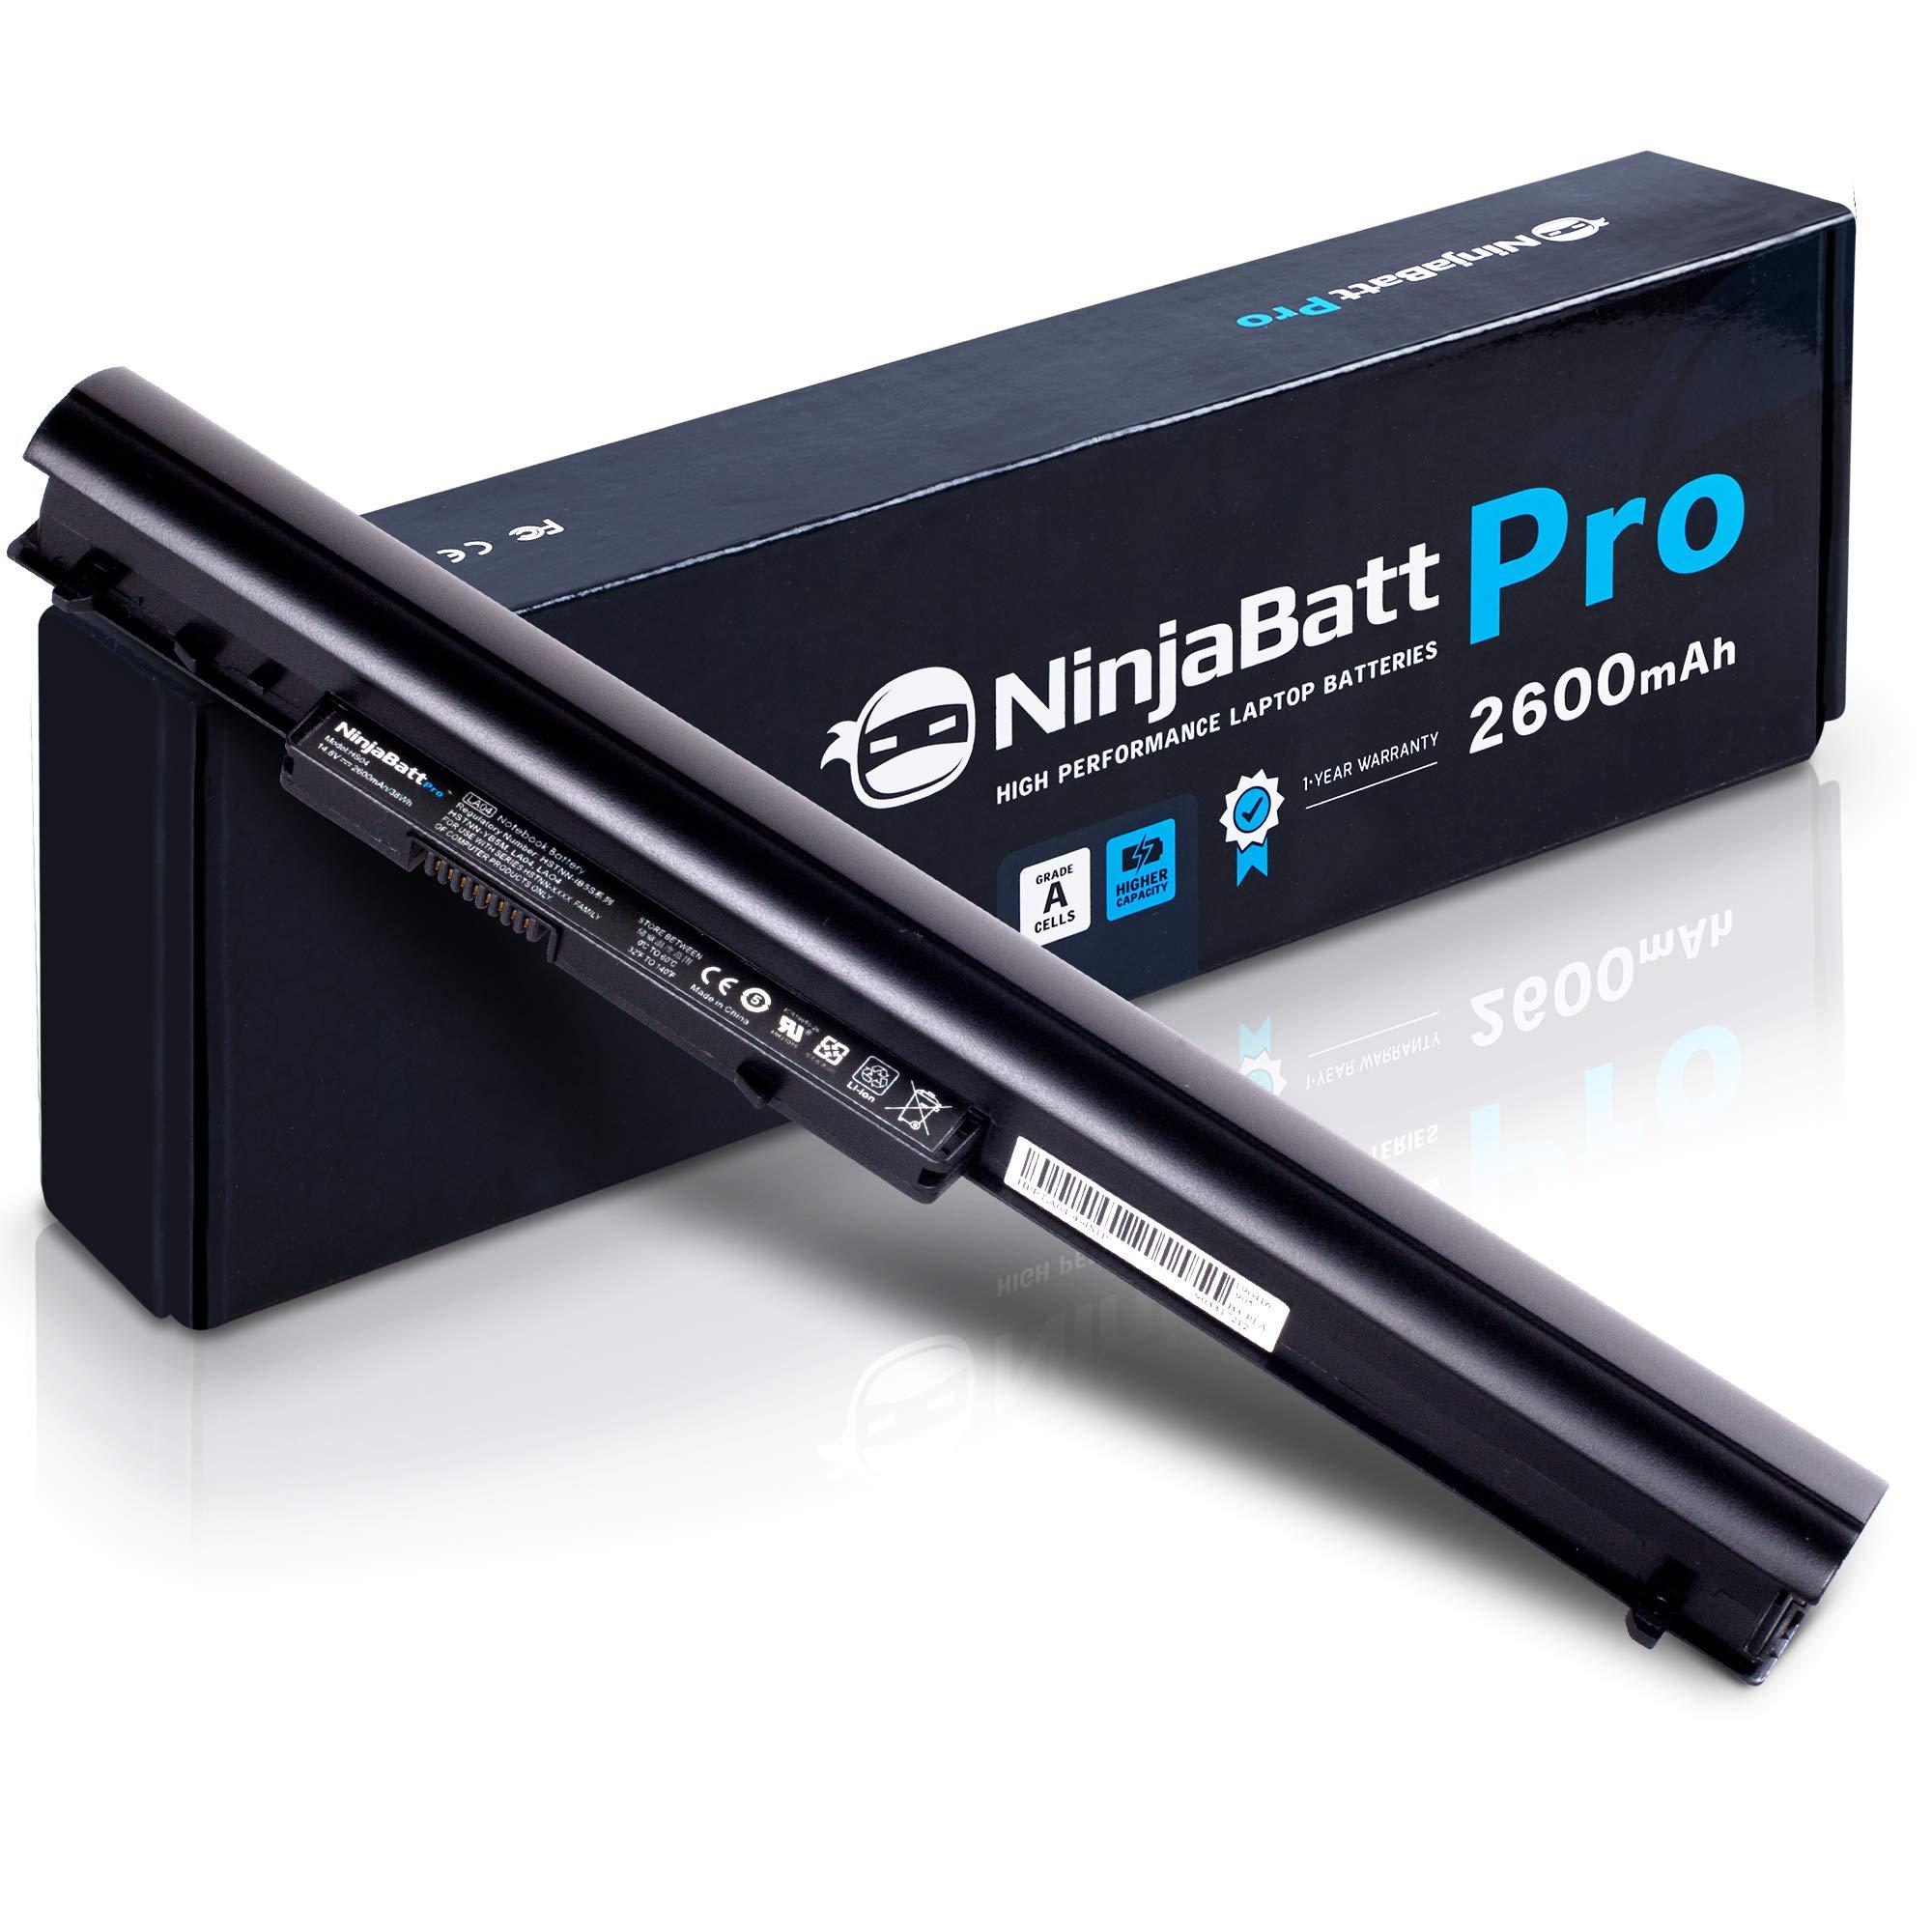 NinjaBatt Pro Laptop Battery for HP 776622-001 LA04 728460-001 752237-001 776906-001 TPN-Q130 TPN-Q132 HSTNN-LB5S HSTNN-UB5M HSTNN-UB5N HSTNN-IB6R LA03DF LA04DF - Samsung Cells - [4 Cells/2600mAh]